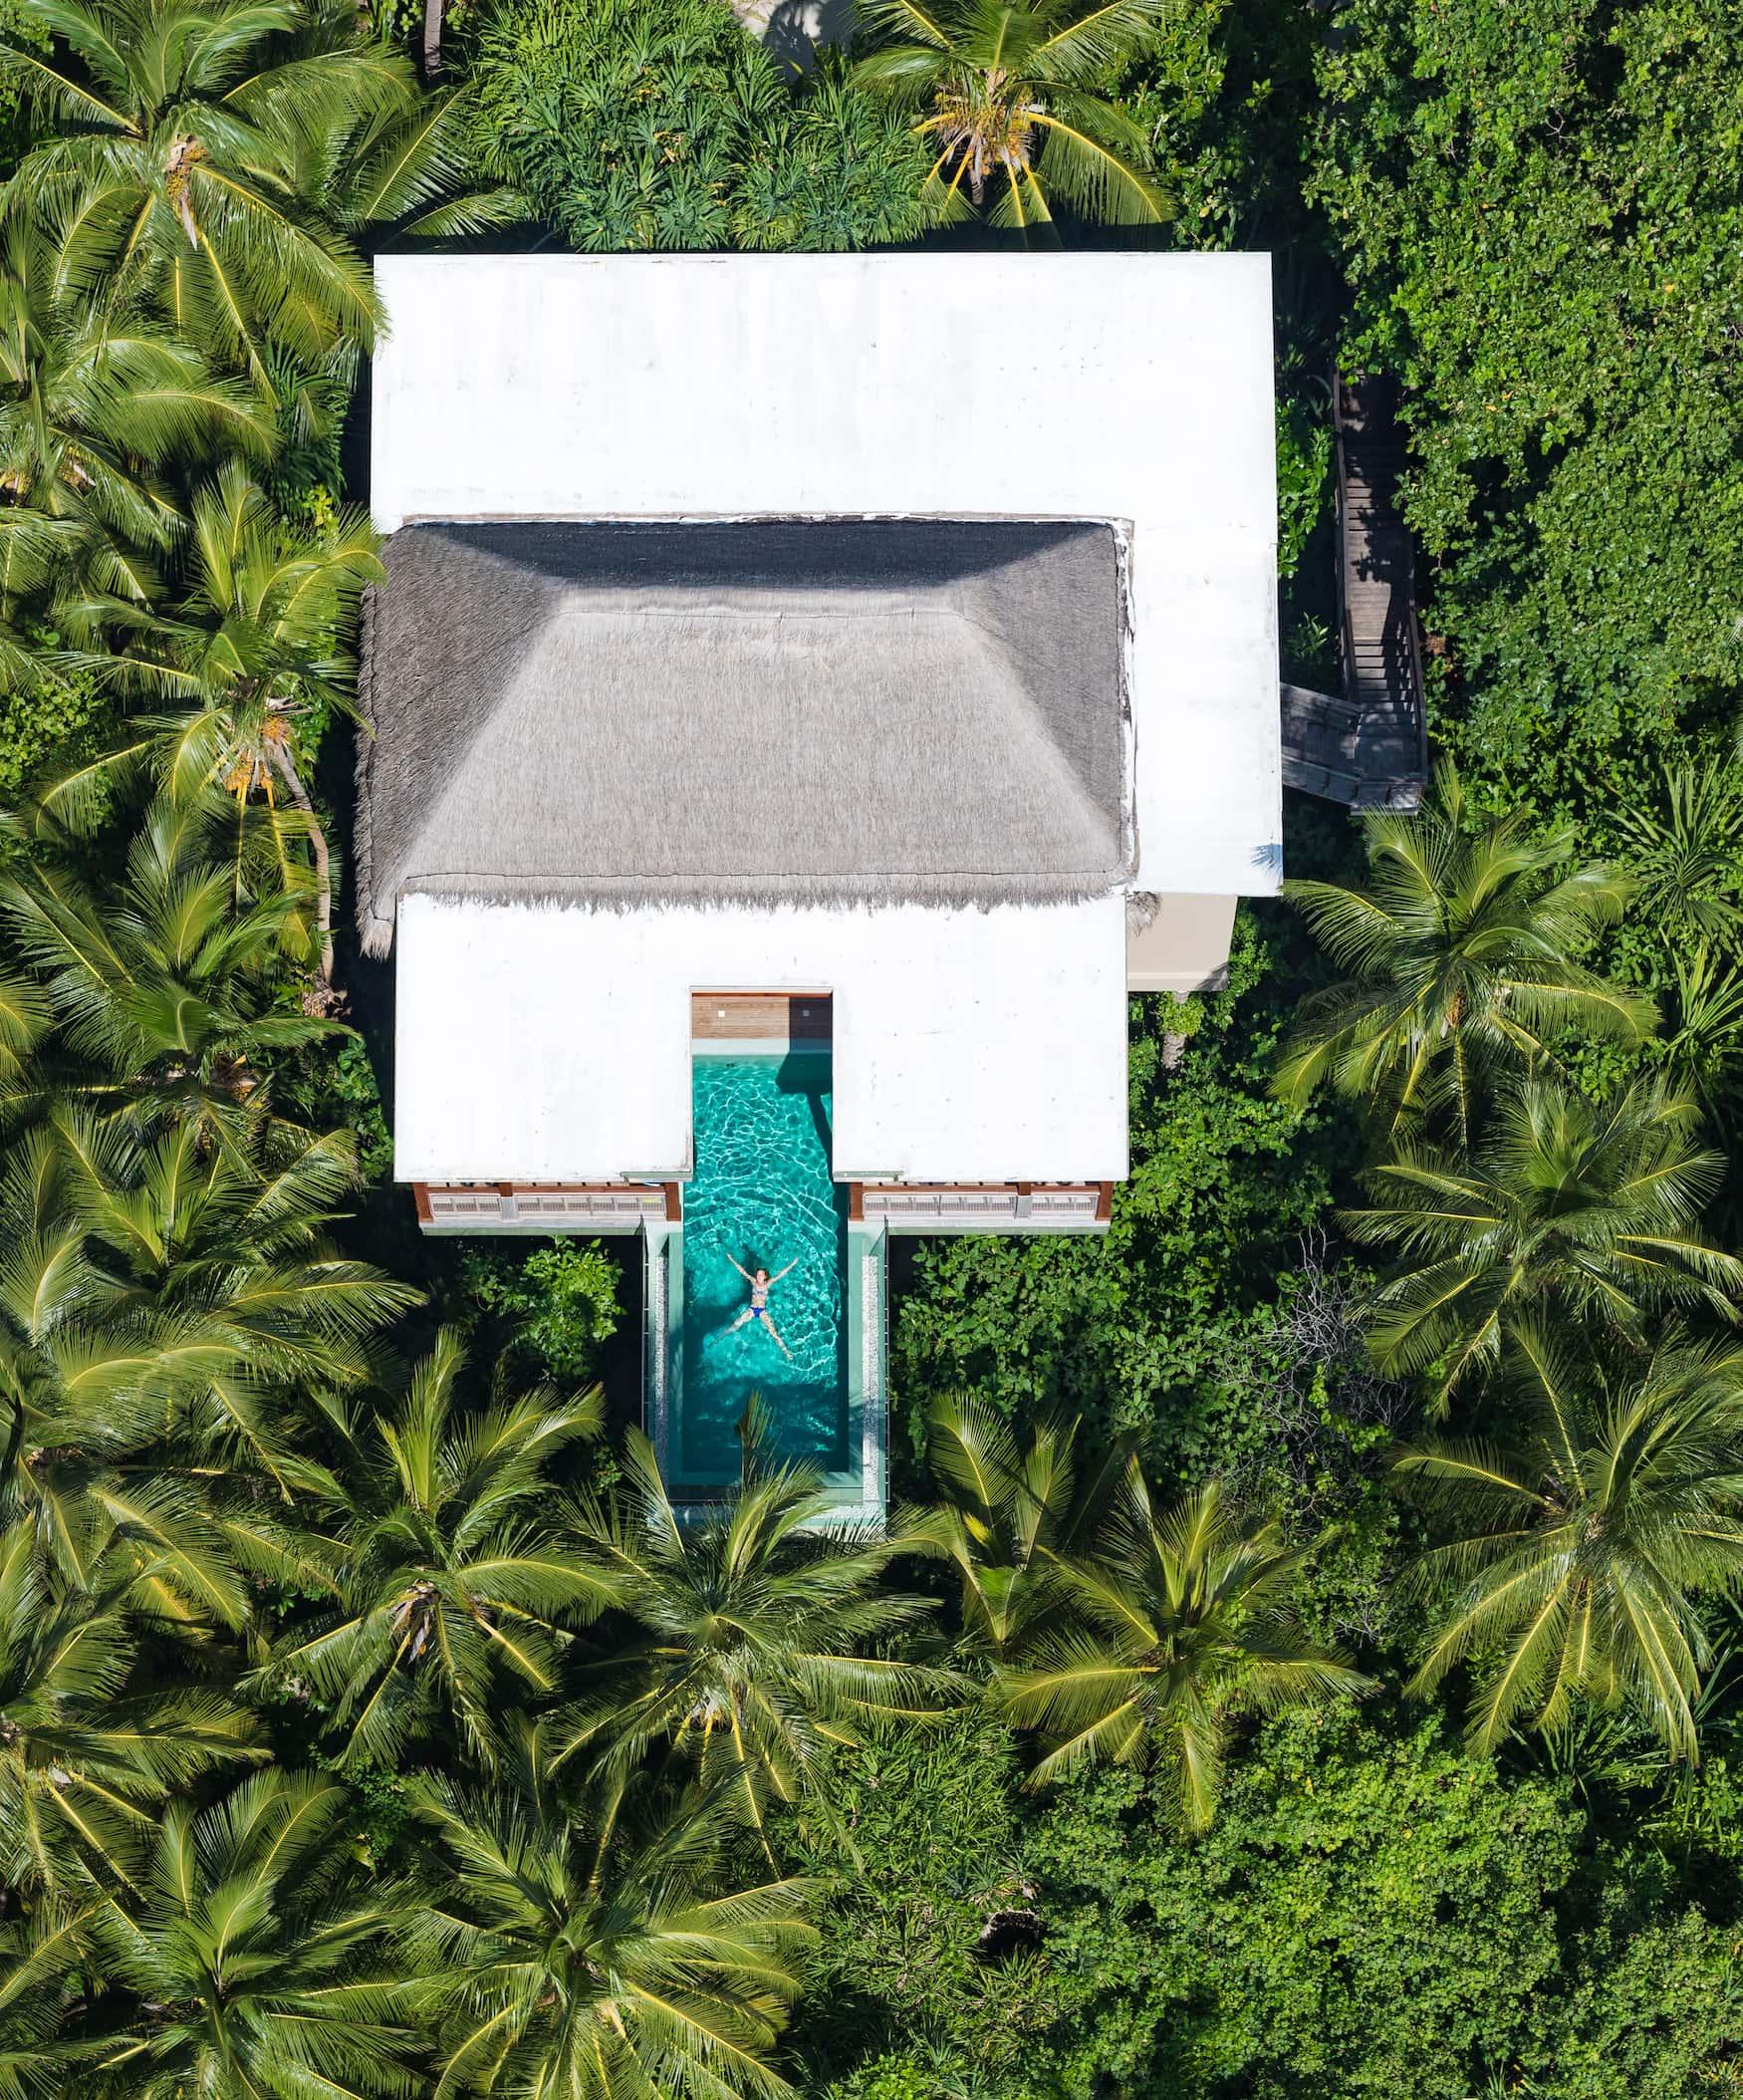 Frau schwimmt in Pool in der Tree House Villa des Amilla Fushi